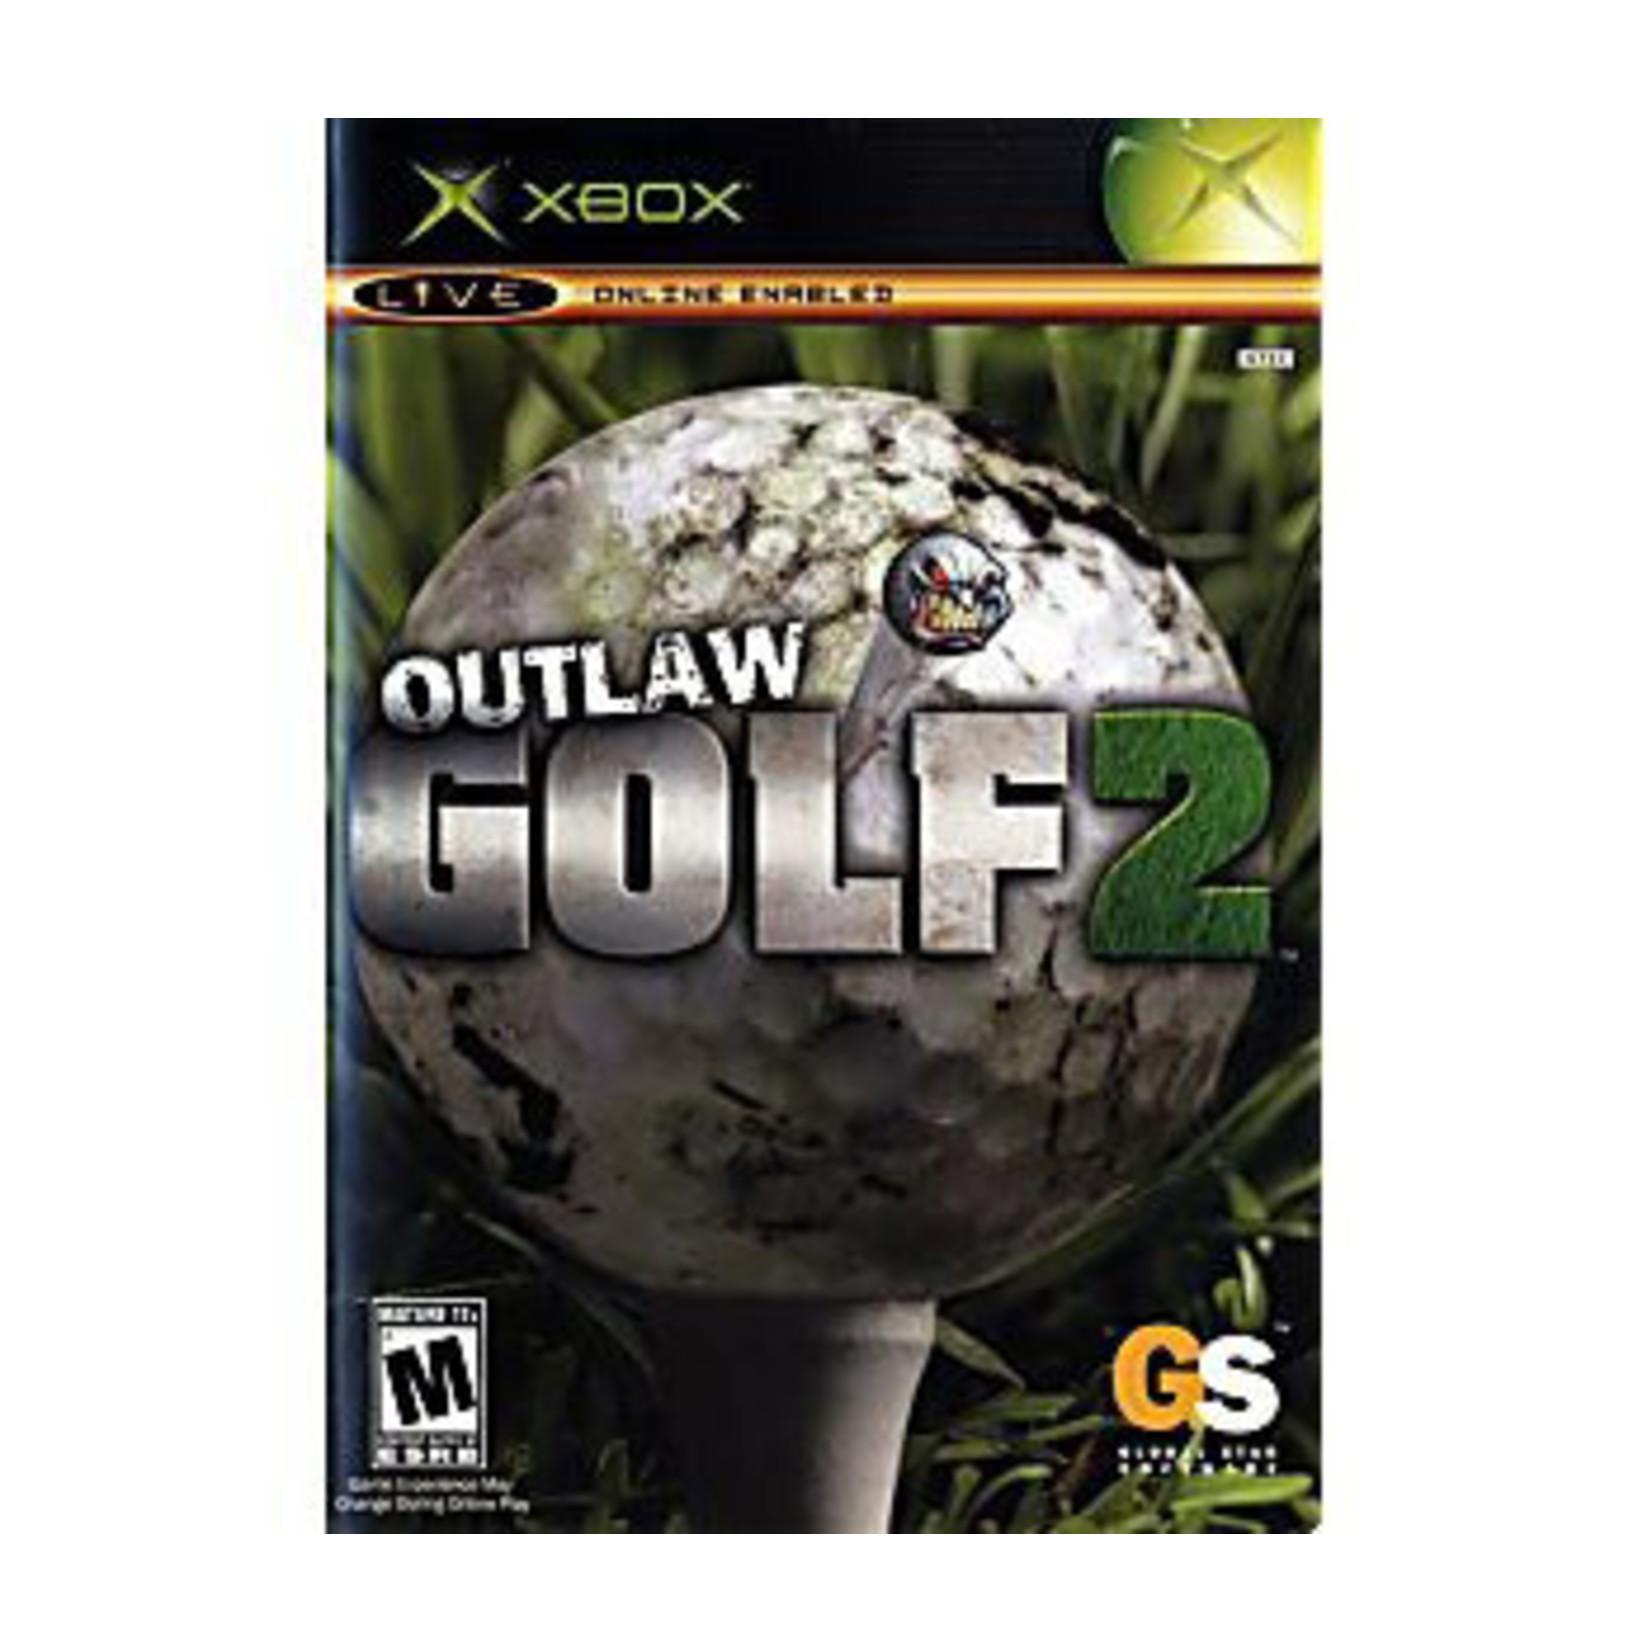 XBU-OUTLAW GOLF 2